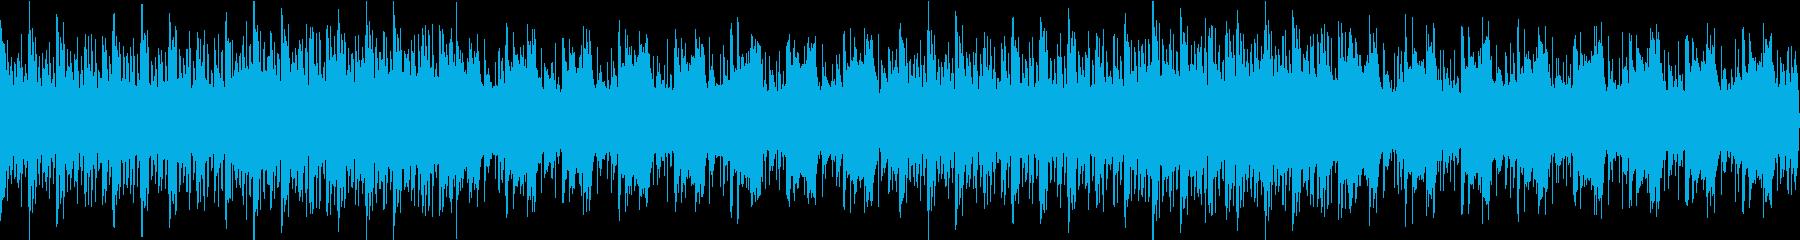 ピアノとシンセが目立つ儚いBGMの再生済みの波形